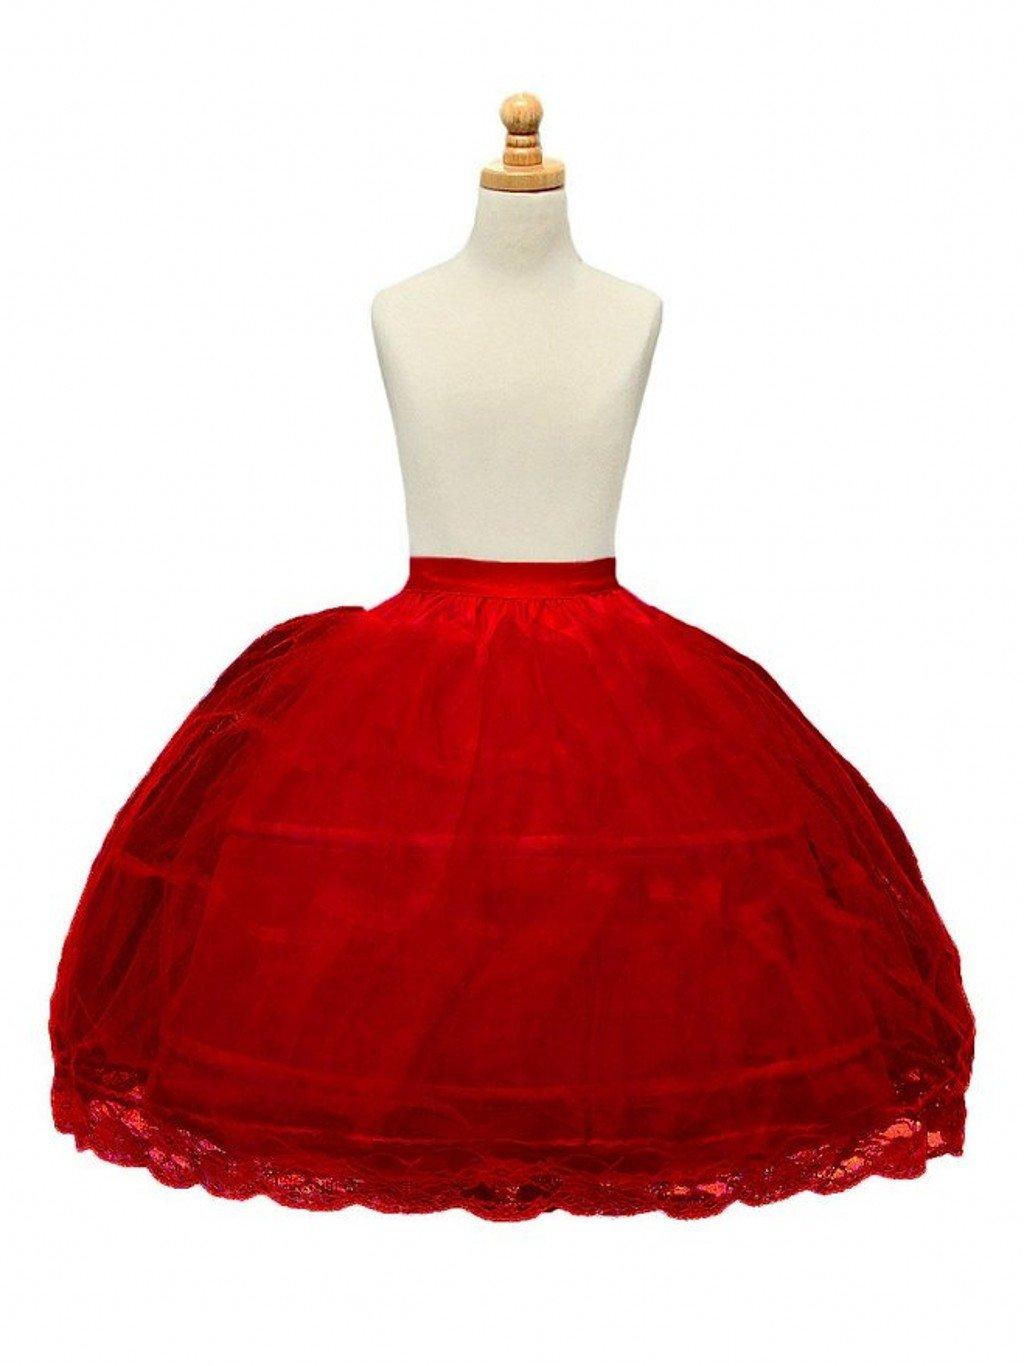 BRL MALL 2 Hoop White Girls' Petticoats Children Slip Flower Girl Petticoat (Red)